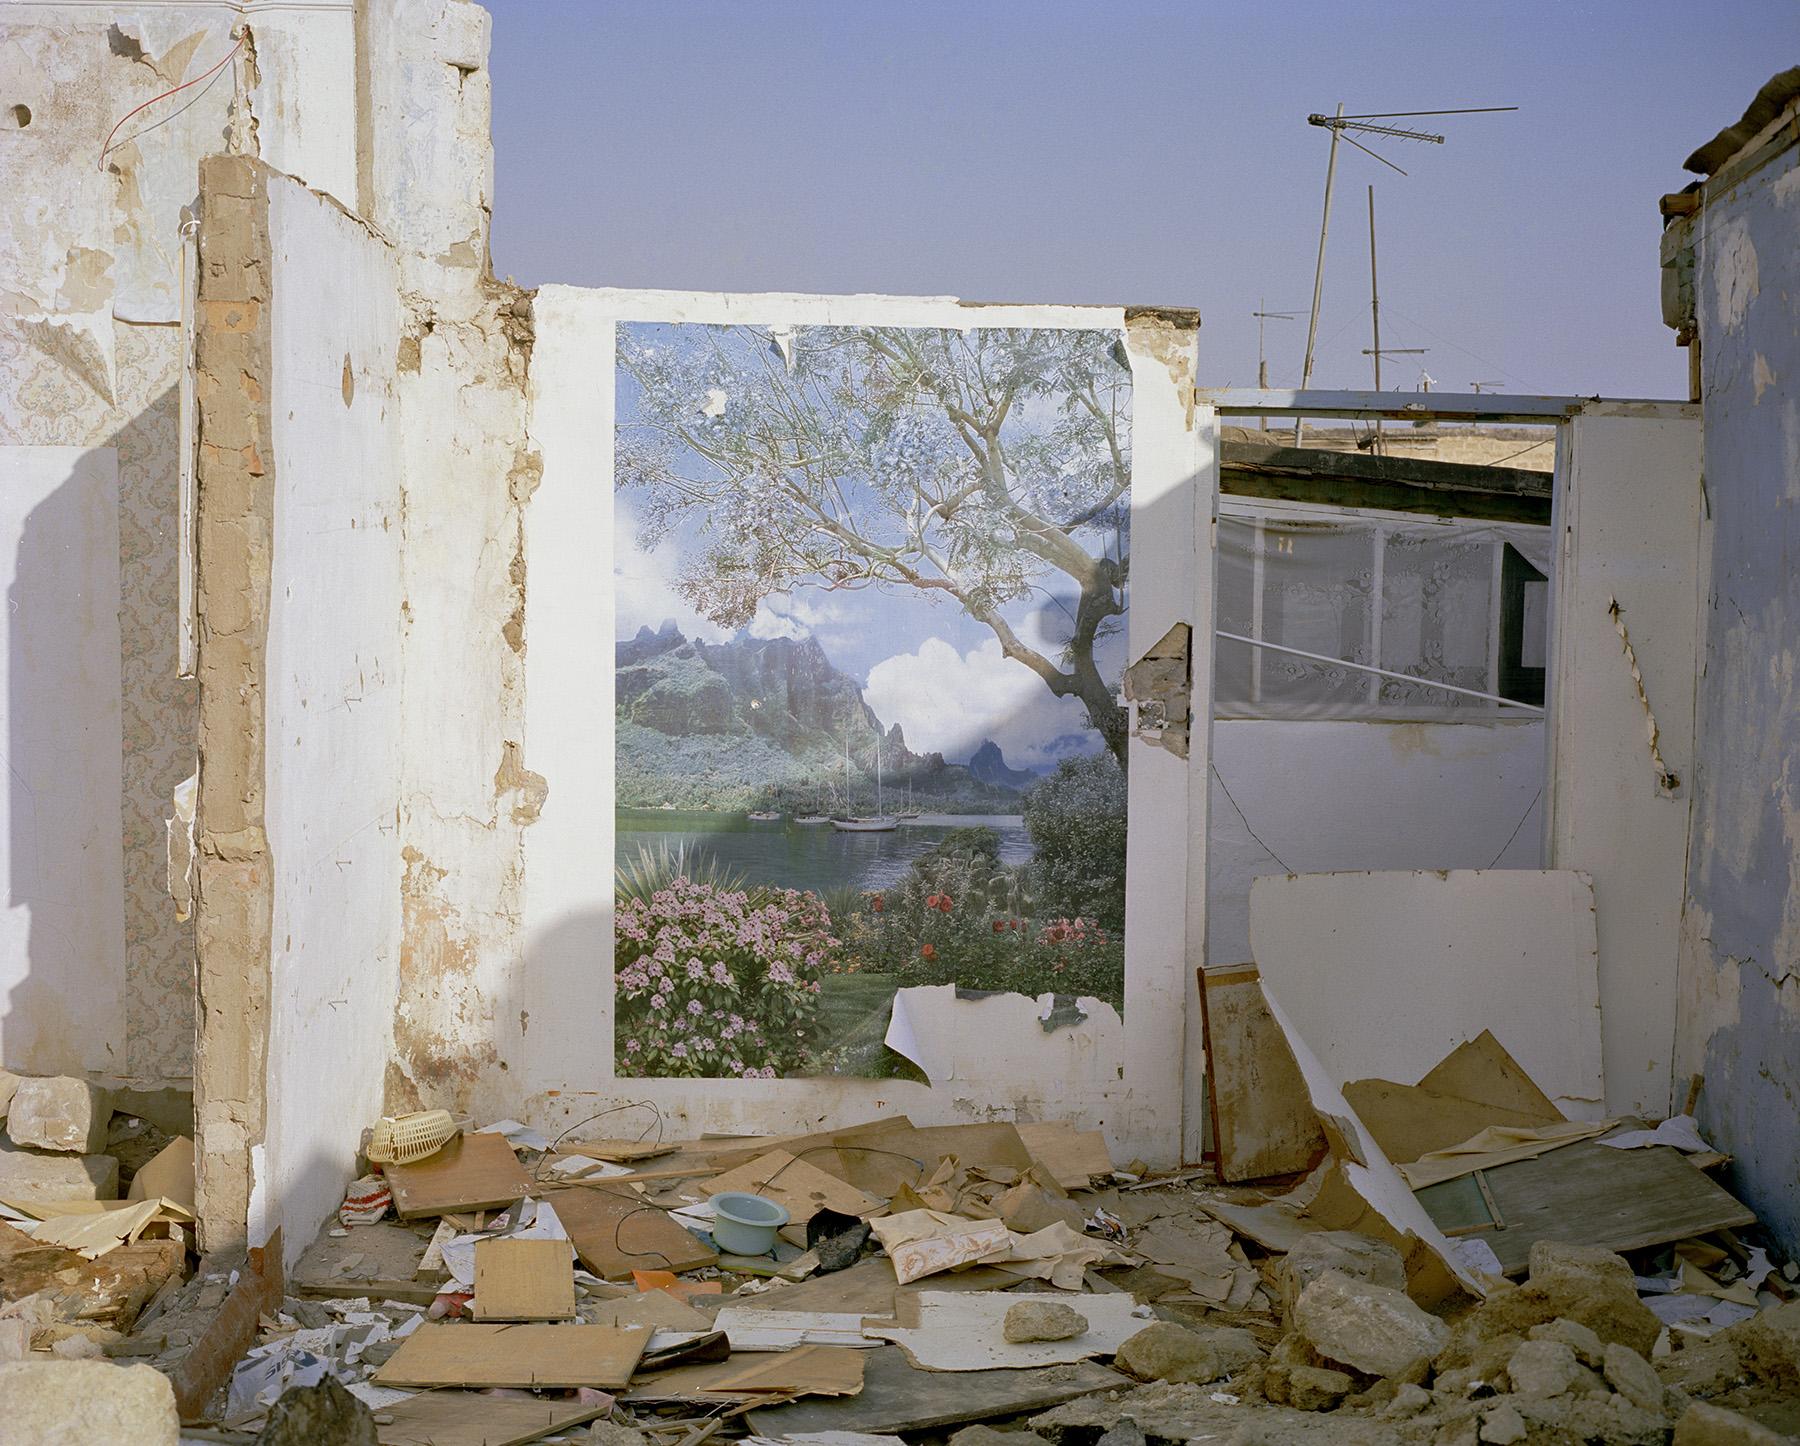 2014 год: На стене разрушенного дома всё ещё висит плакат с изображением природы — Советский, центральный район Баку.